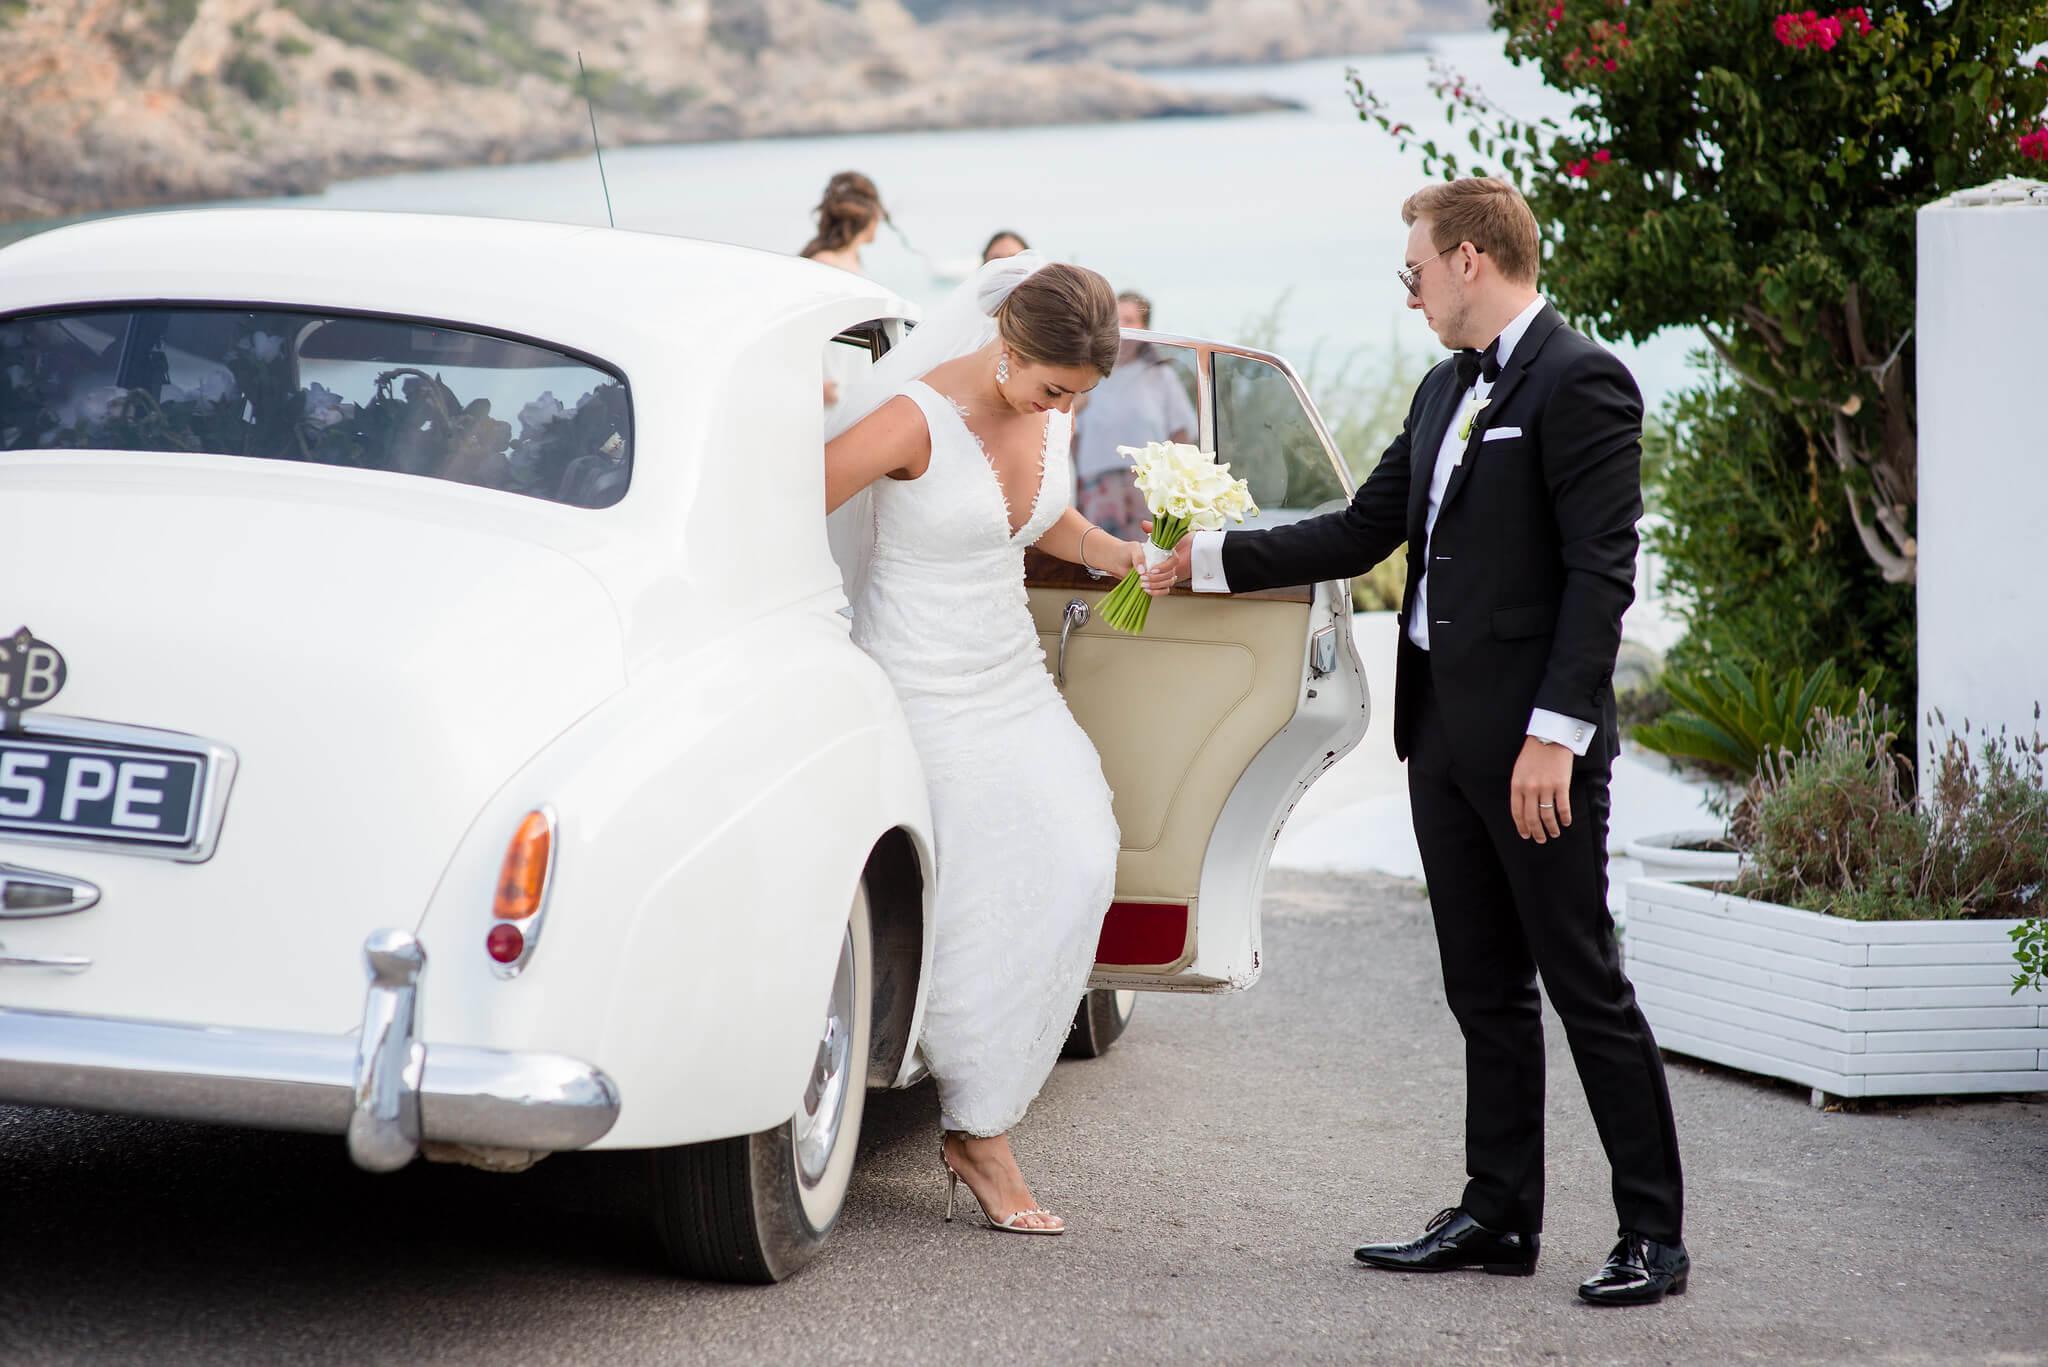 https://www.white-ibiza.com/wp-content/uploads/2020/03/ibiza-wedding-photographer-gypsy-westwood-2020-06.jpg